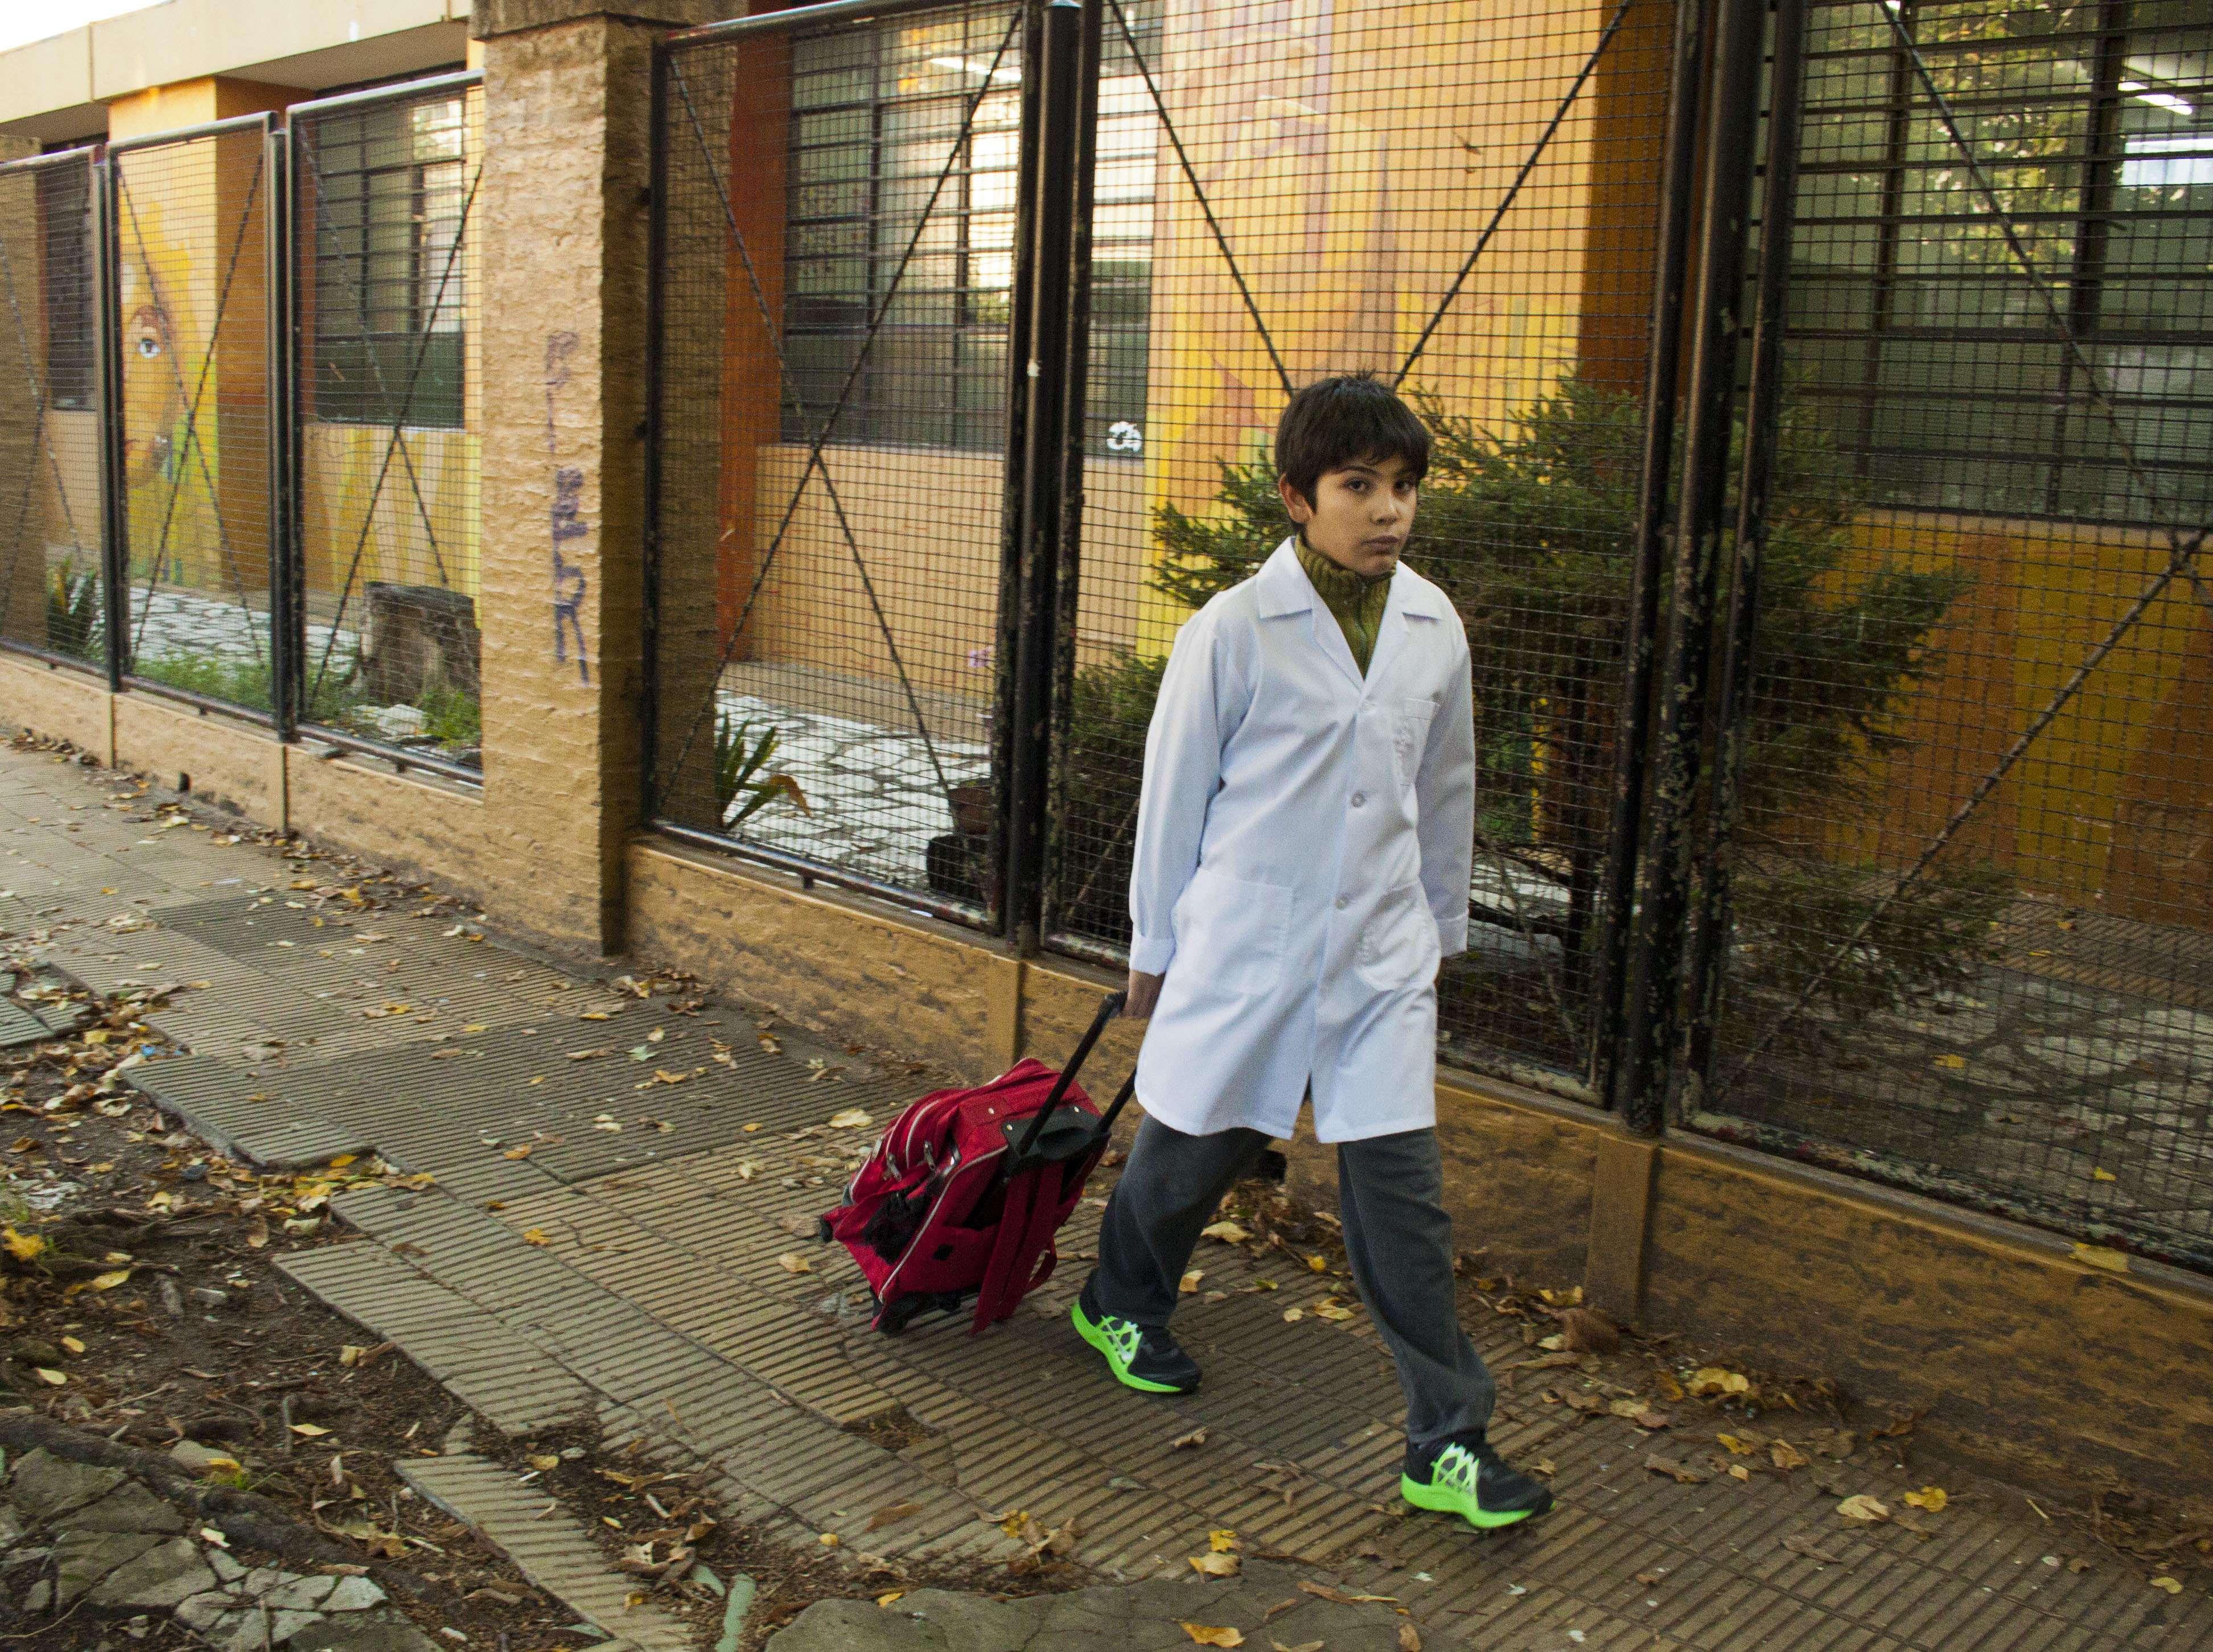 Uno de los últimos distritos en alcanzar un arreglo con los maestros fue la Capital Federal, de acuerdo a lo informado por el jefe de Gabinete porteño, Horacio Rodríguez Larreta. Foto: NA